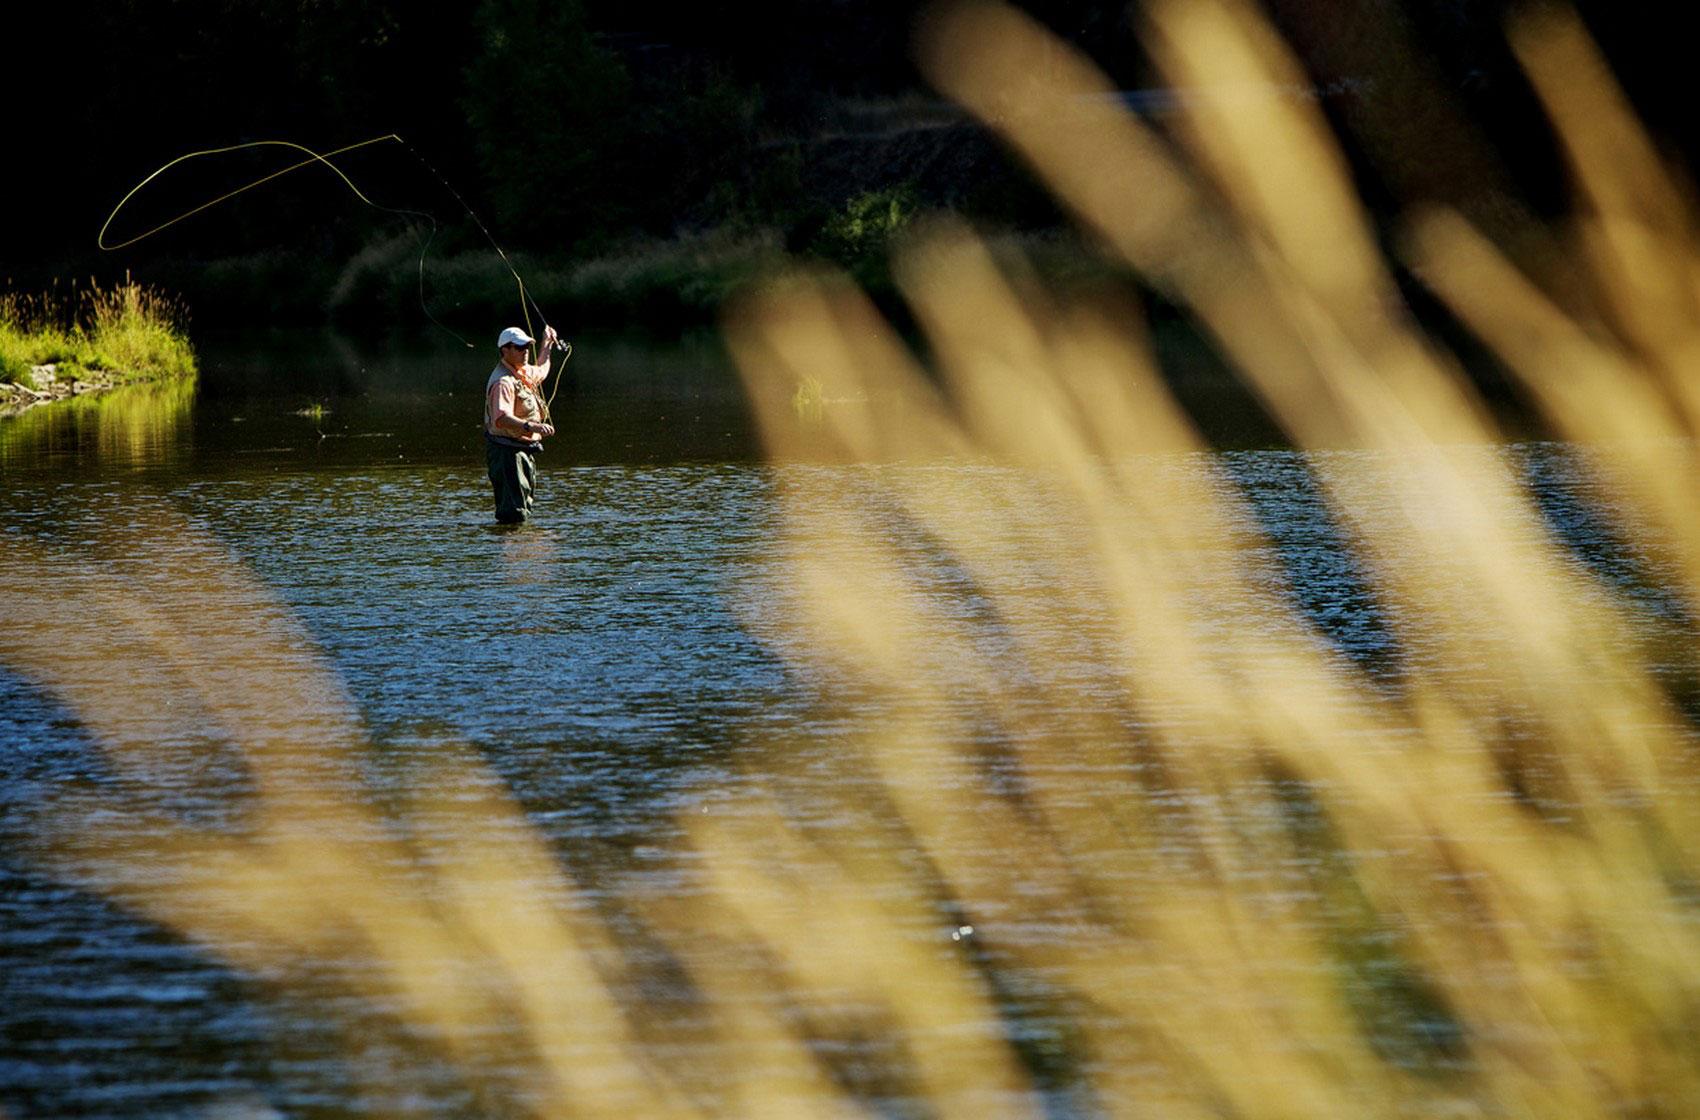 рыбалка в штате Айдахо, фото